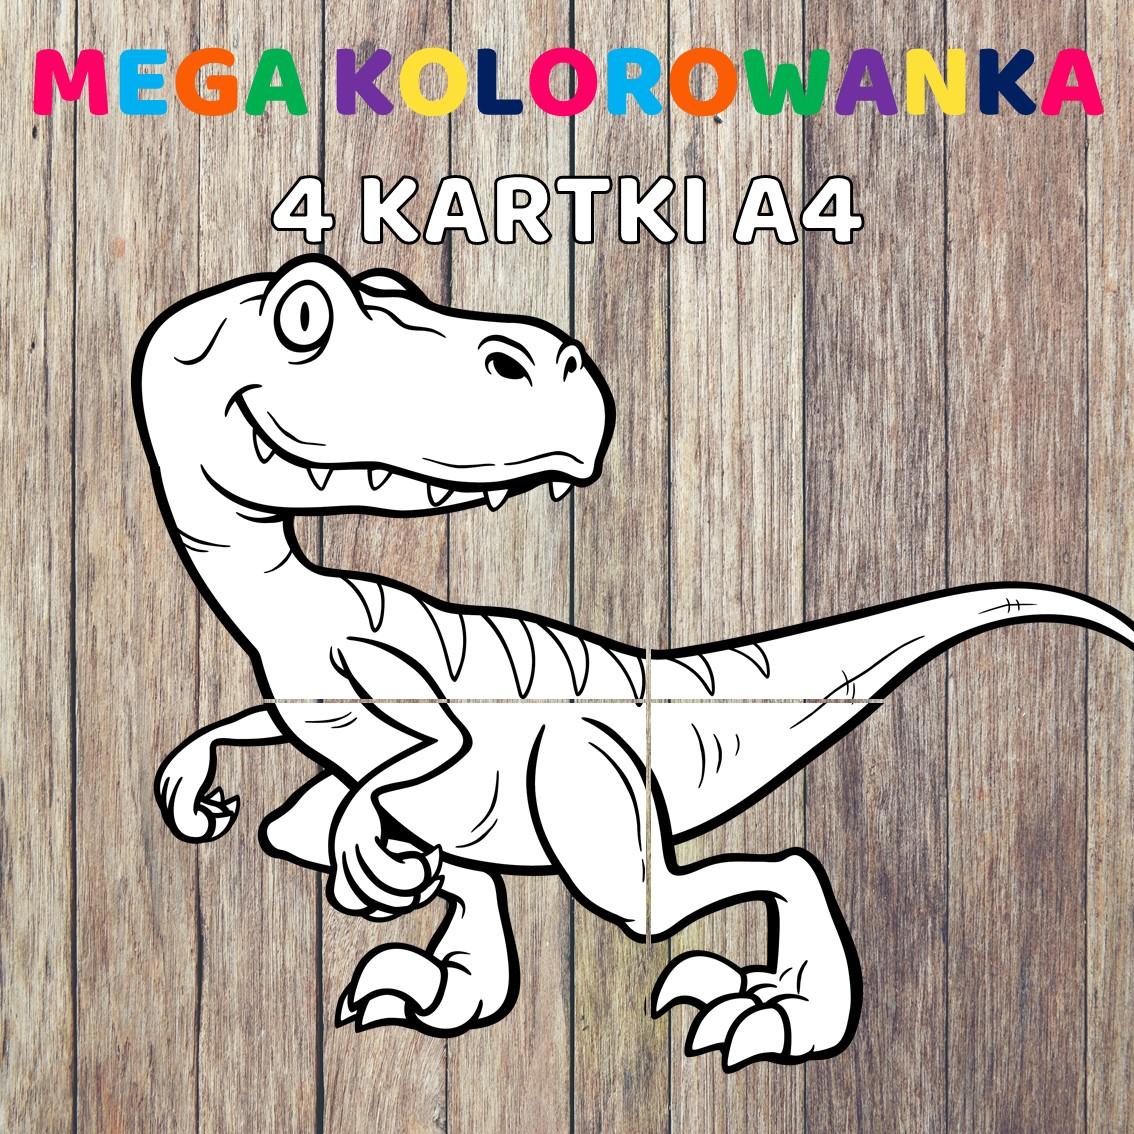 Dinozaury pakiet pomocy edukacyjnych świat odkrywców pdf do pobrania scenariusz zajęć mega kolorowanka wielkoformatowa